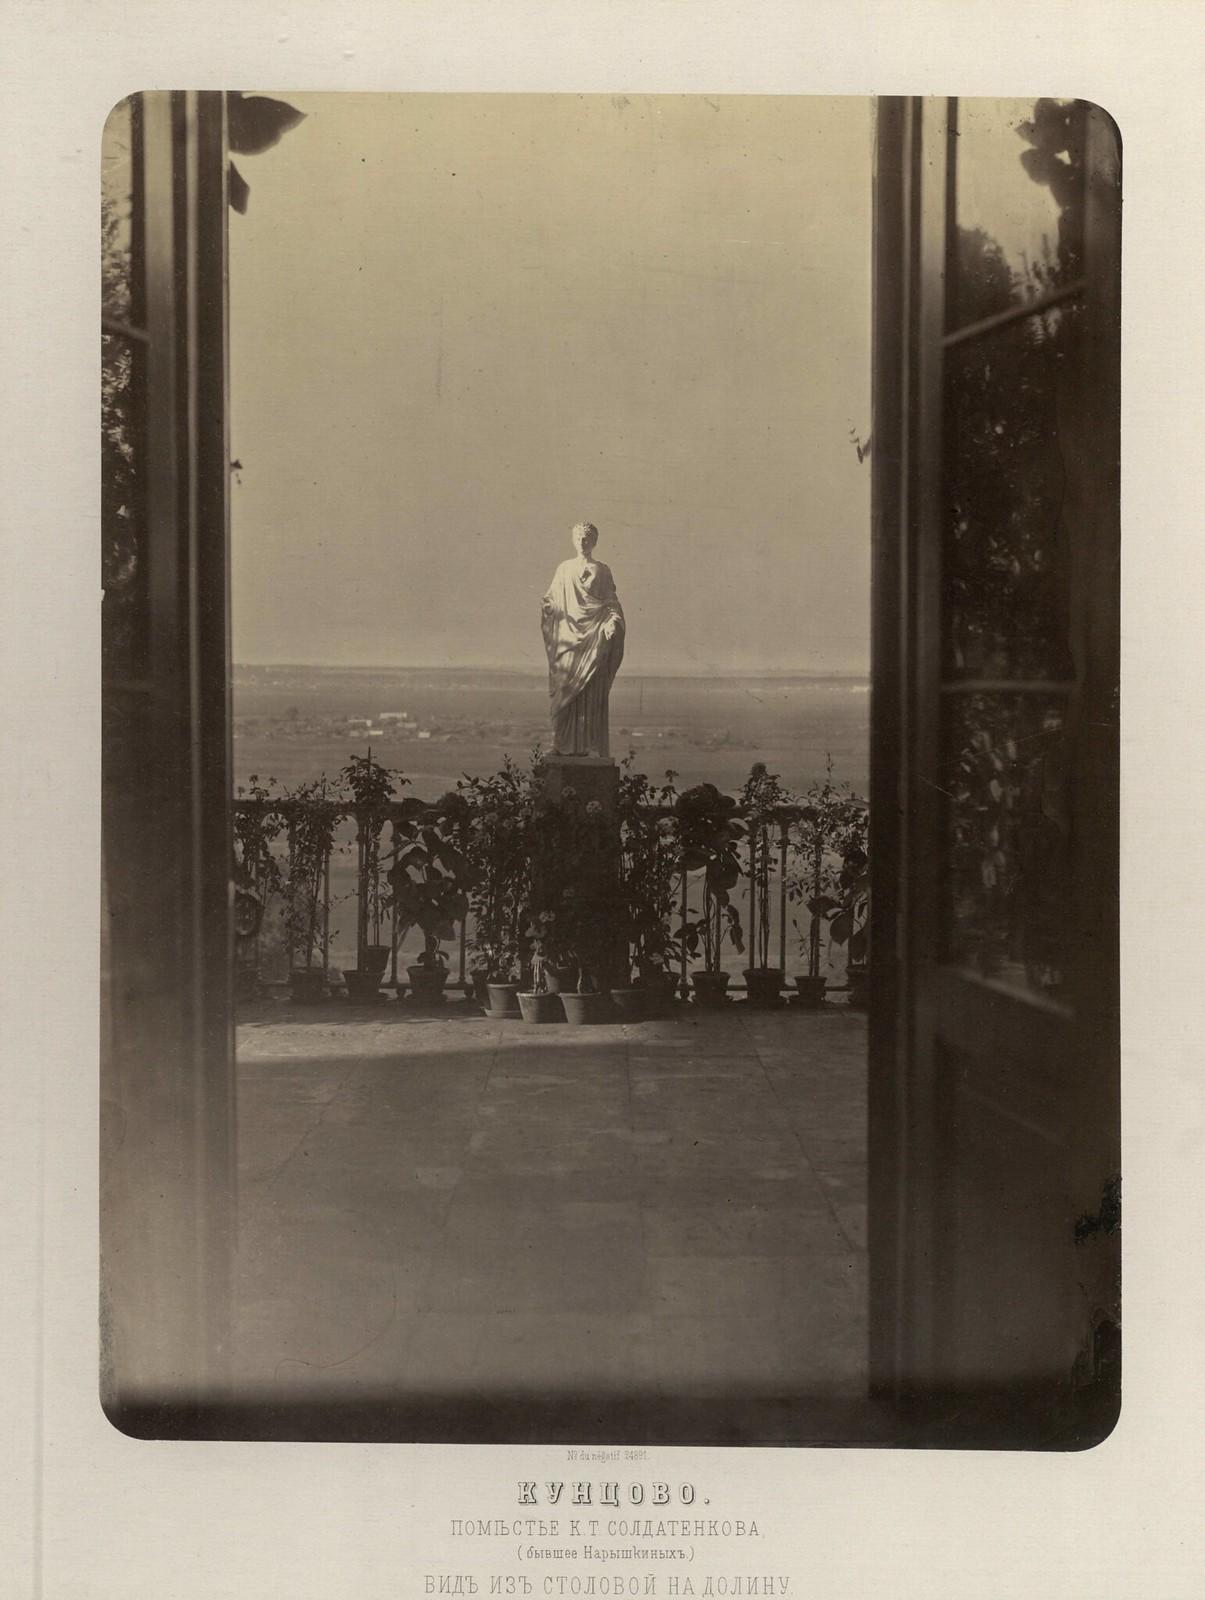 02. Усадьба Кунцево. Вид из столовой на долину